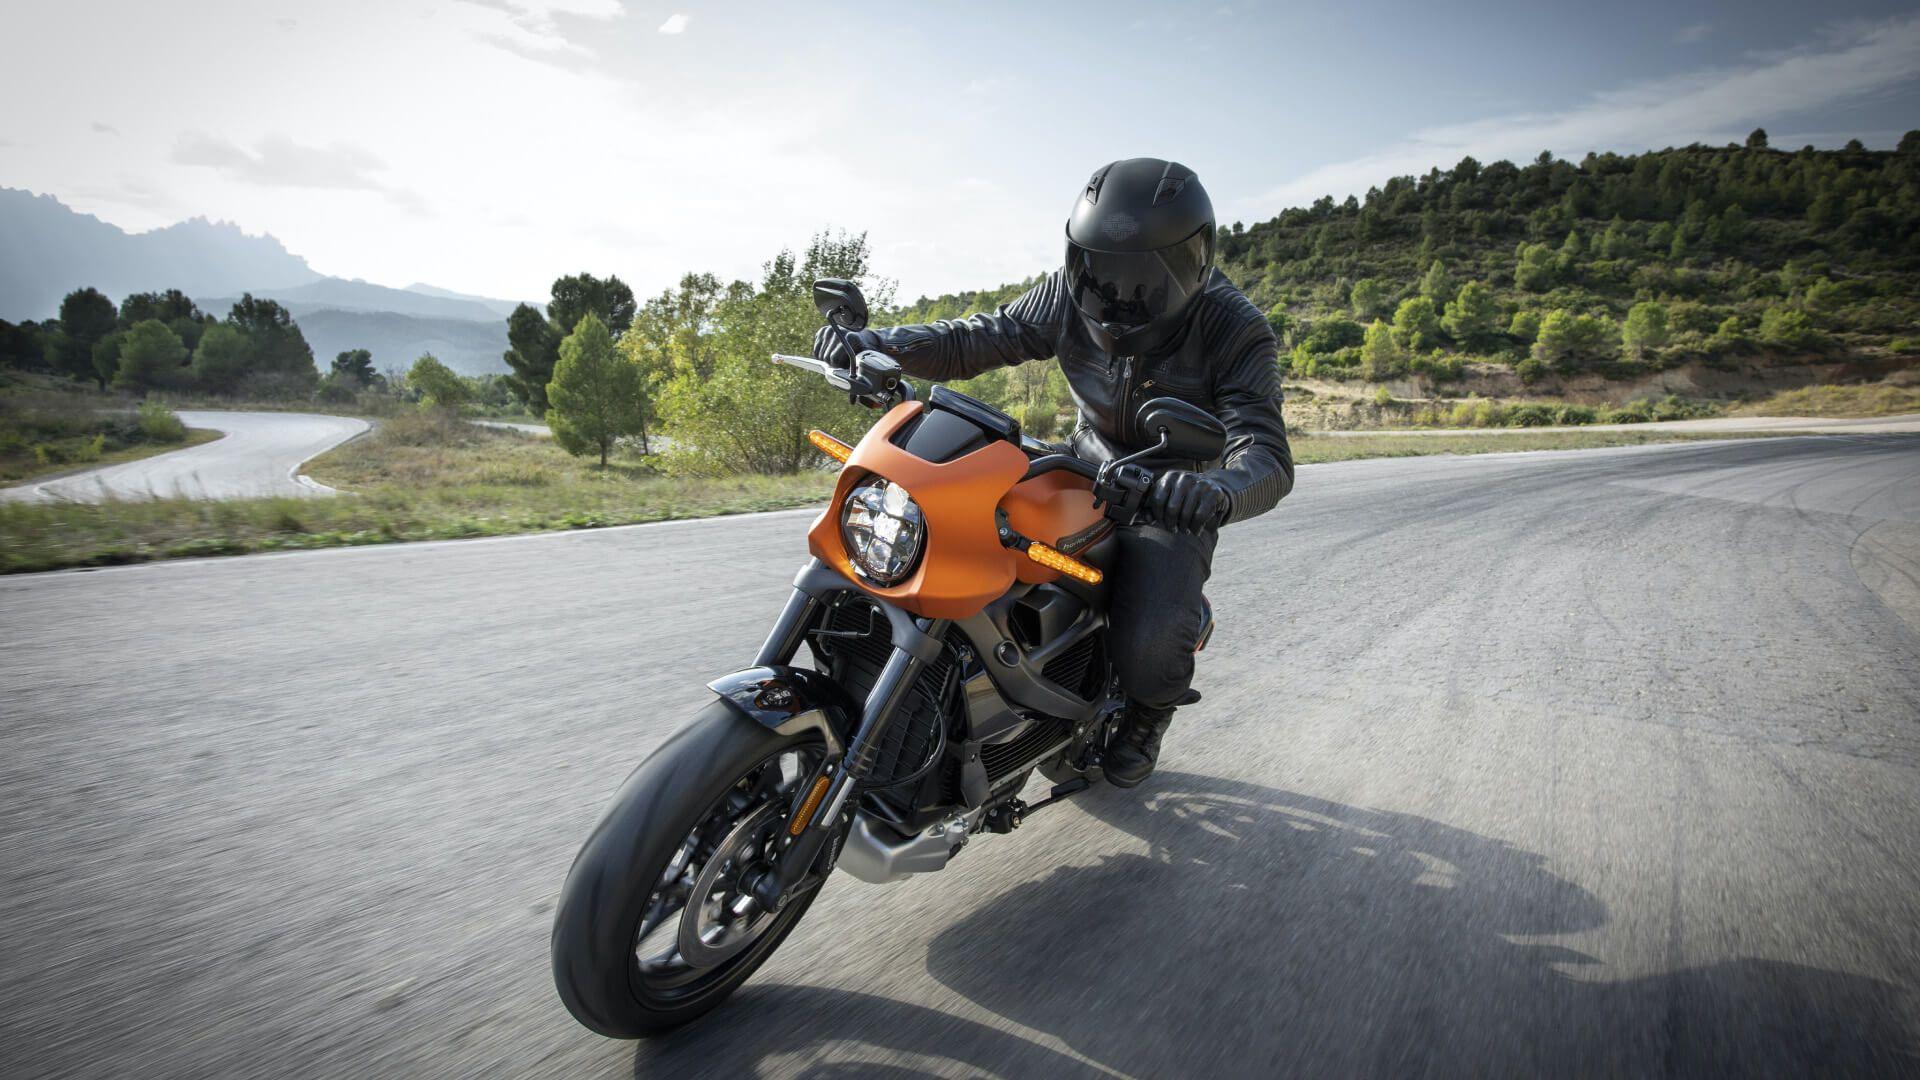 Un motard sur Harley Davidson photographié dans un virage